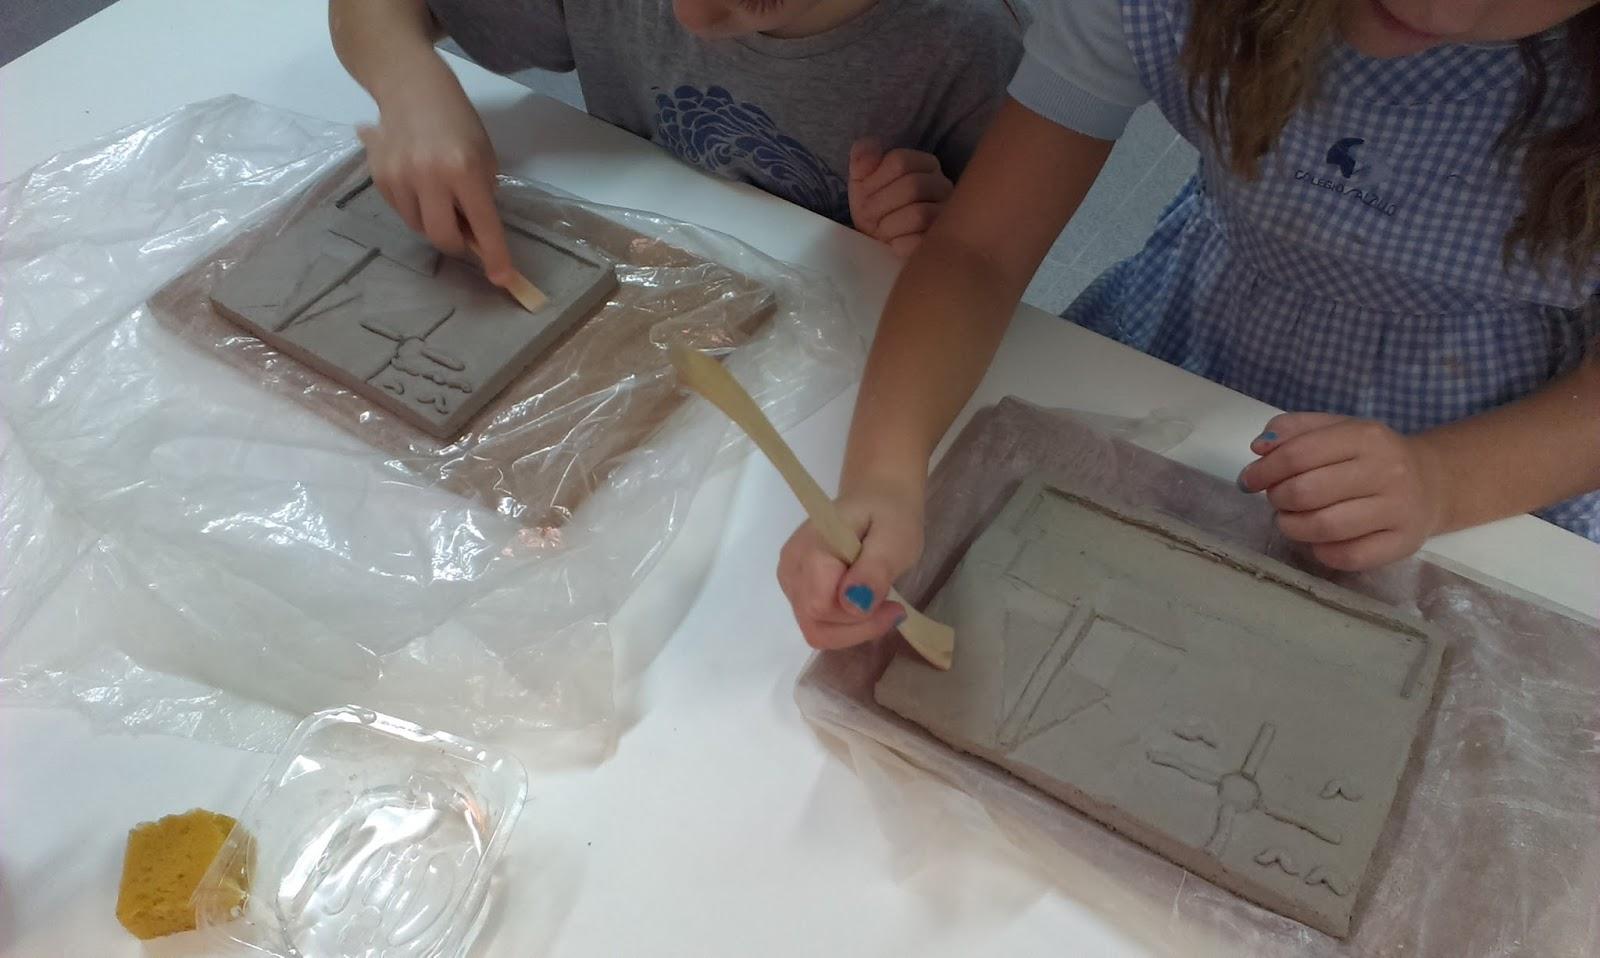 El taller de martinez y trini taller de cer mica para for Tecnicas para esmaltar ceramica